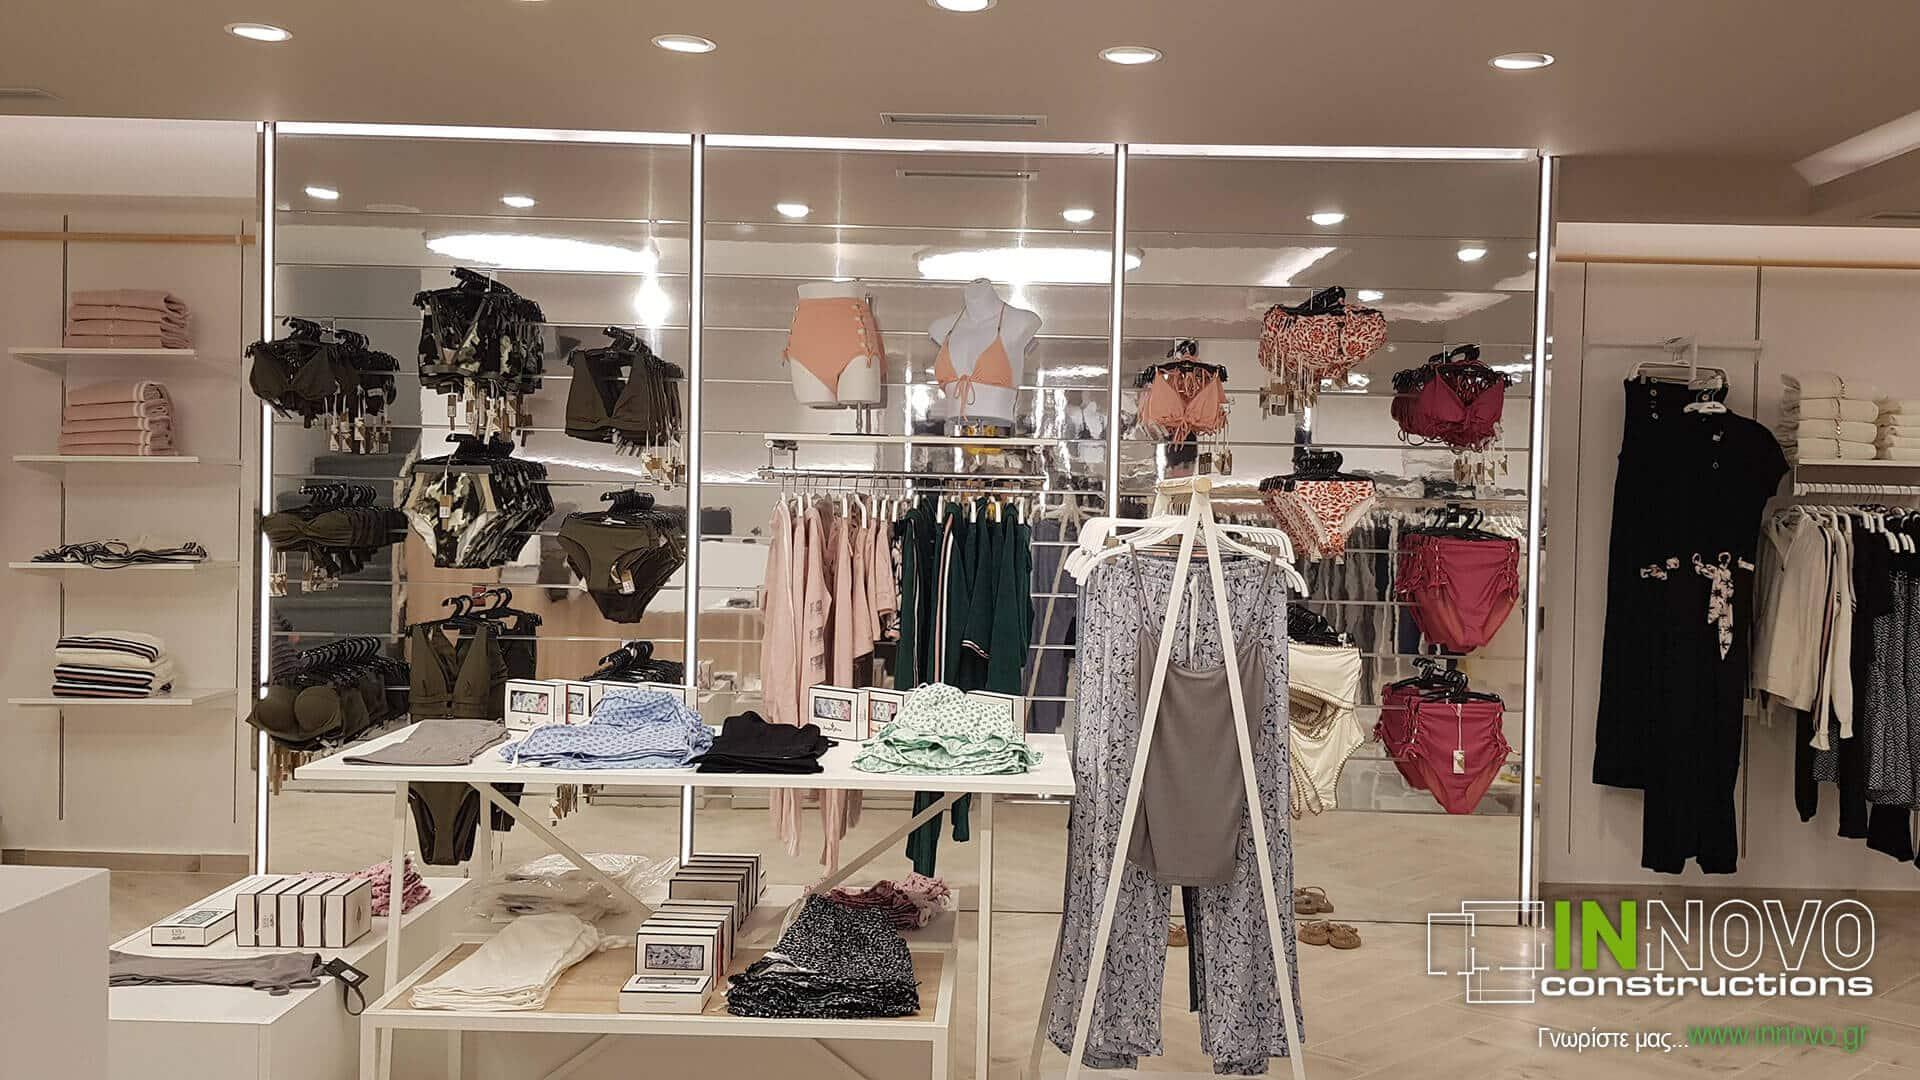 eksoplismos-katastimatos-retail